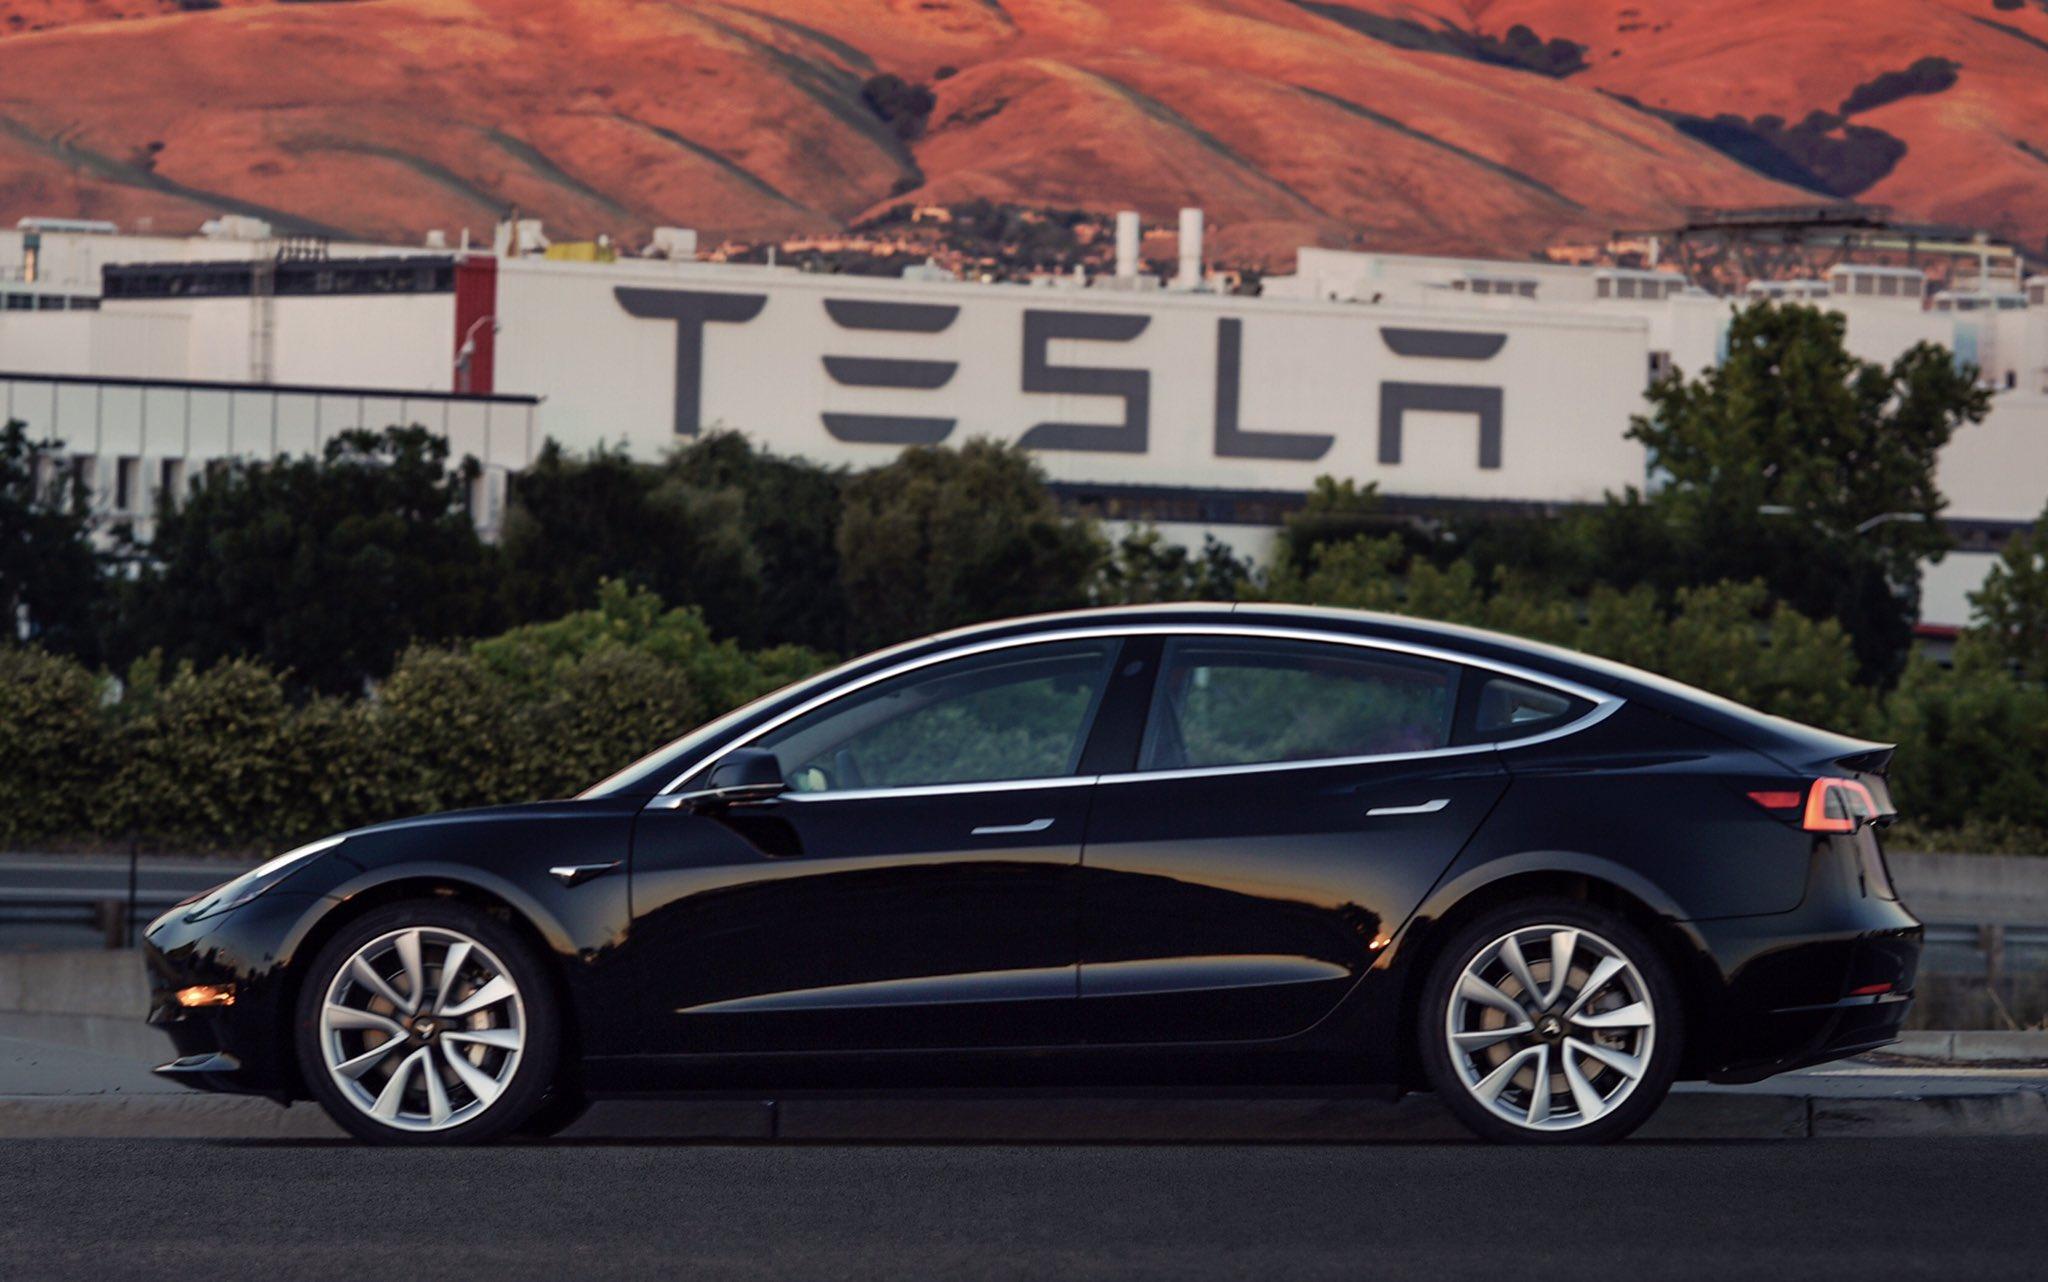 Vizsgálják a Tesla önvezető rendszerét, miután újabb balesetet okozott